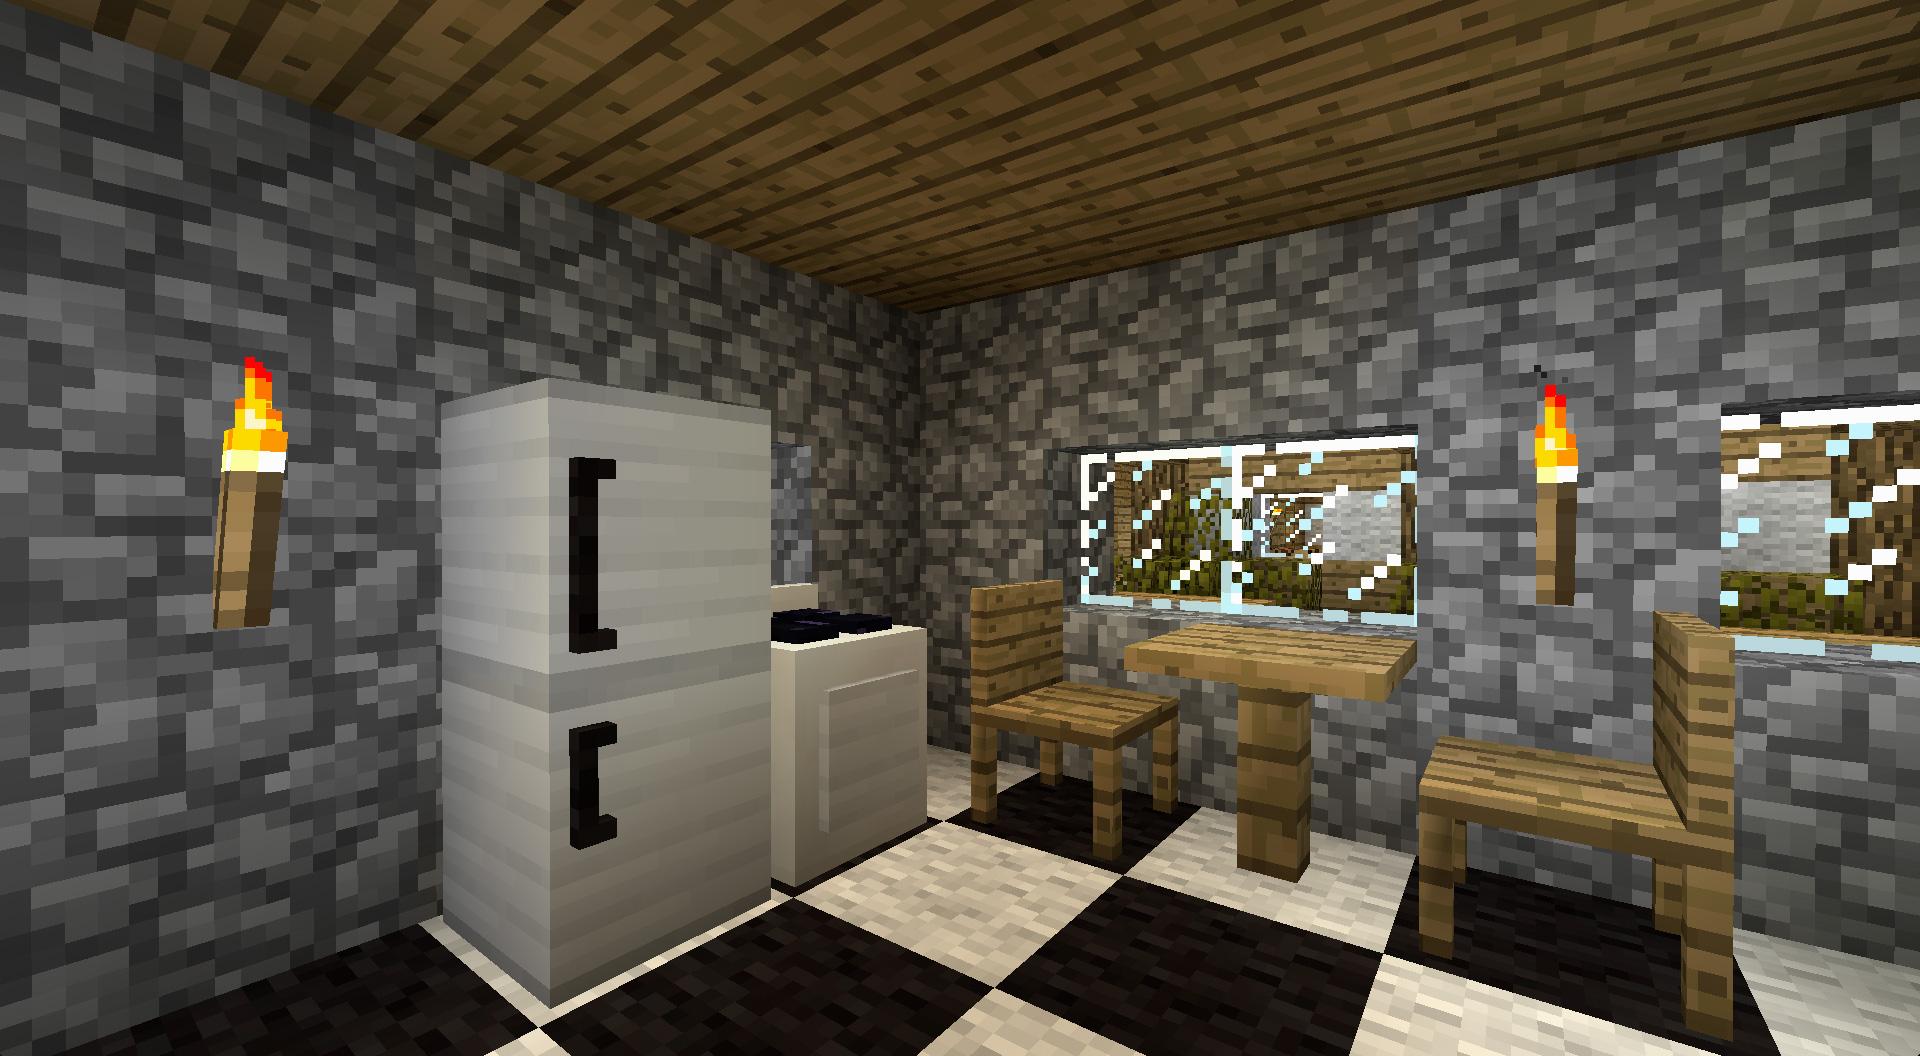 мод на мебель для майнкрафт 1.10 #6